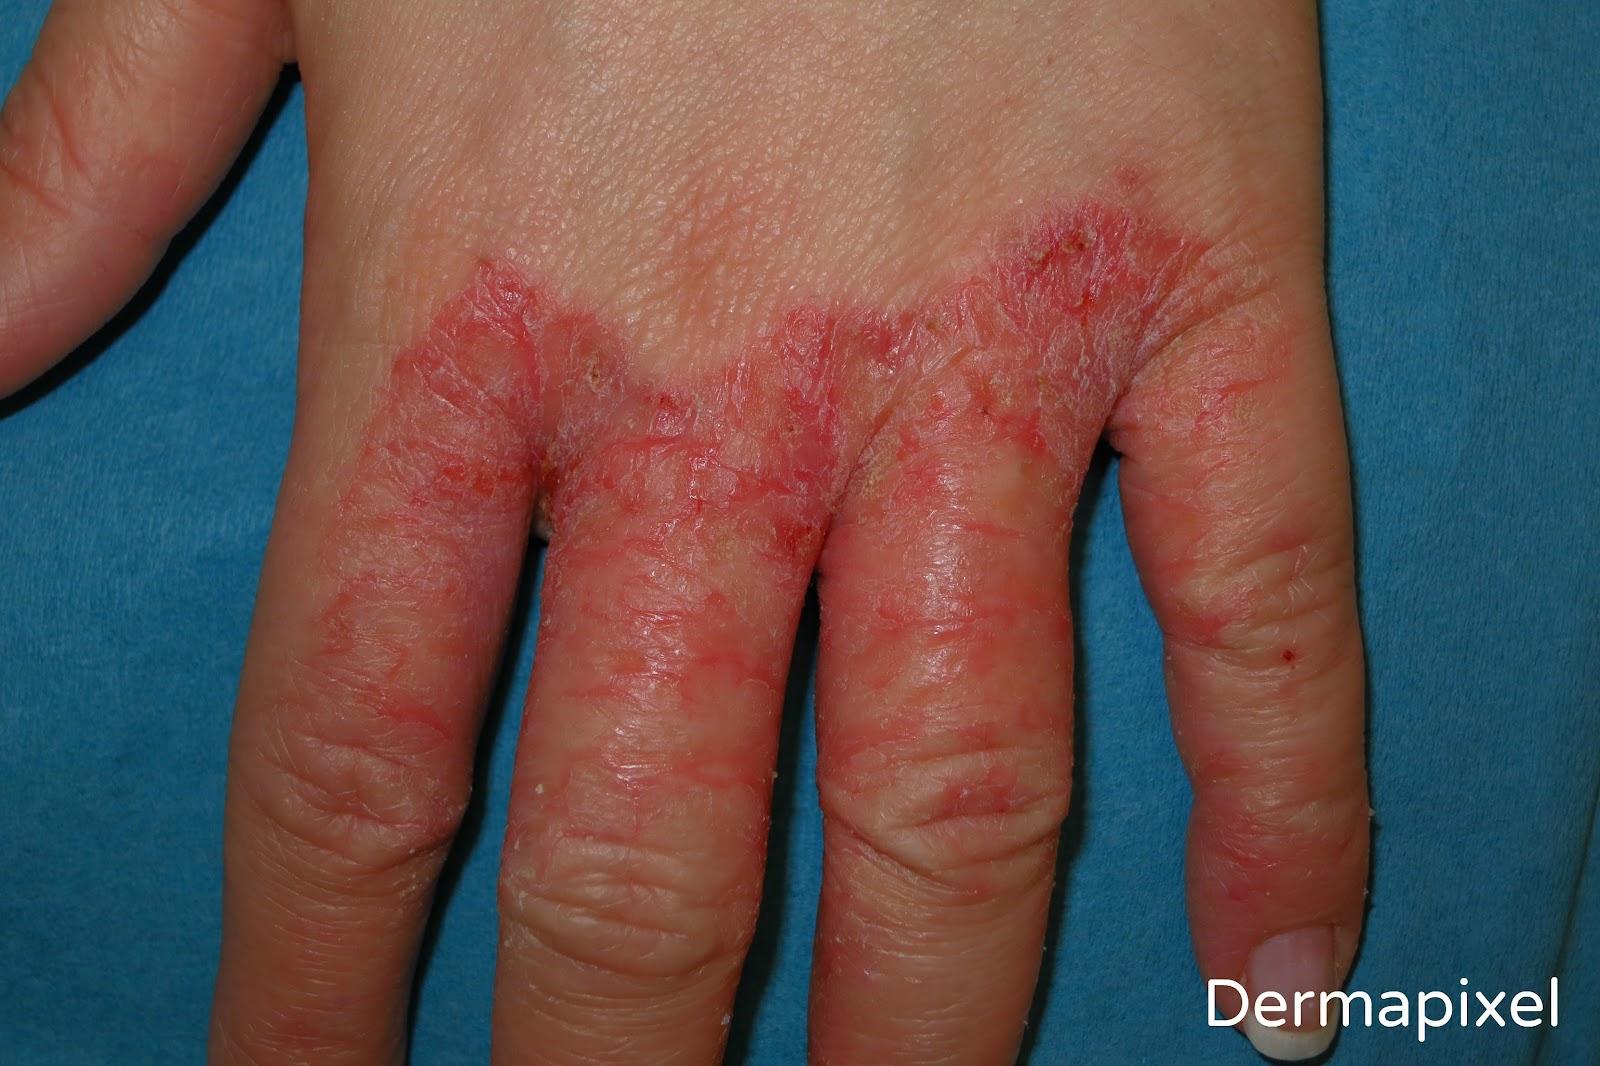 Los baños con la avena pelada a la psoriasis